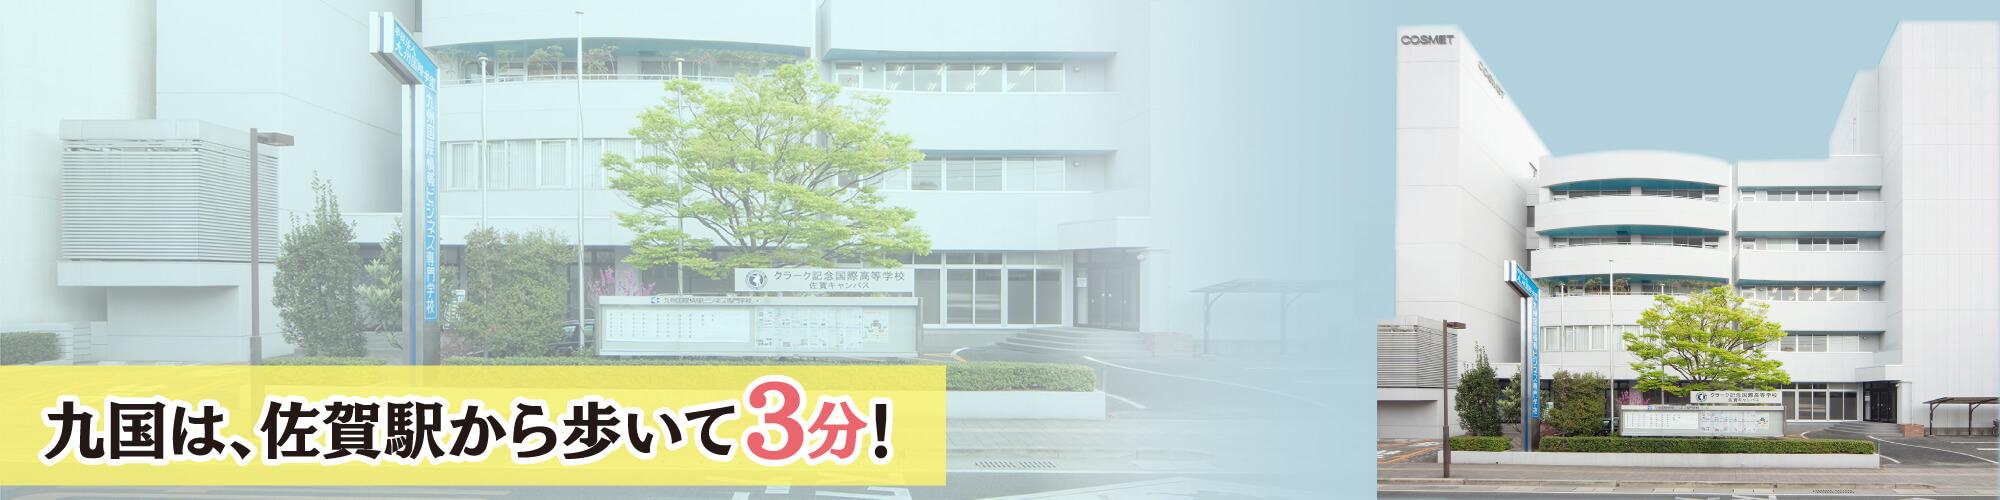 九国は、佐賀駅から歩いて3分!